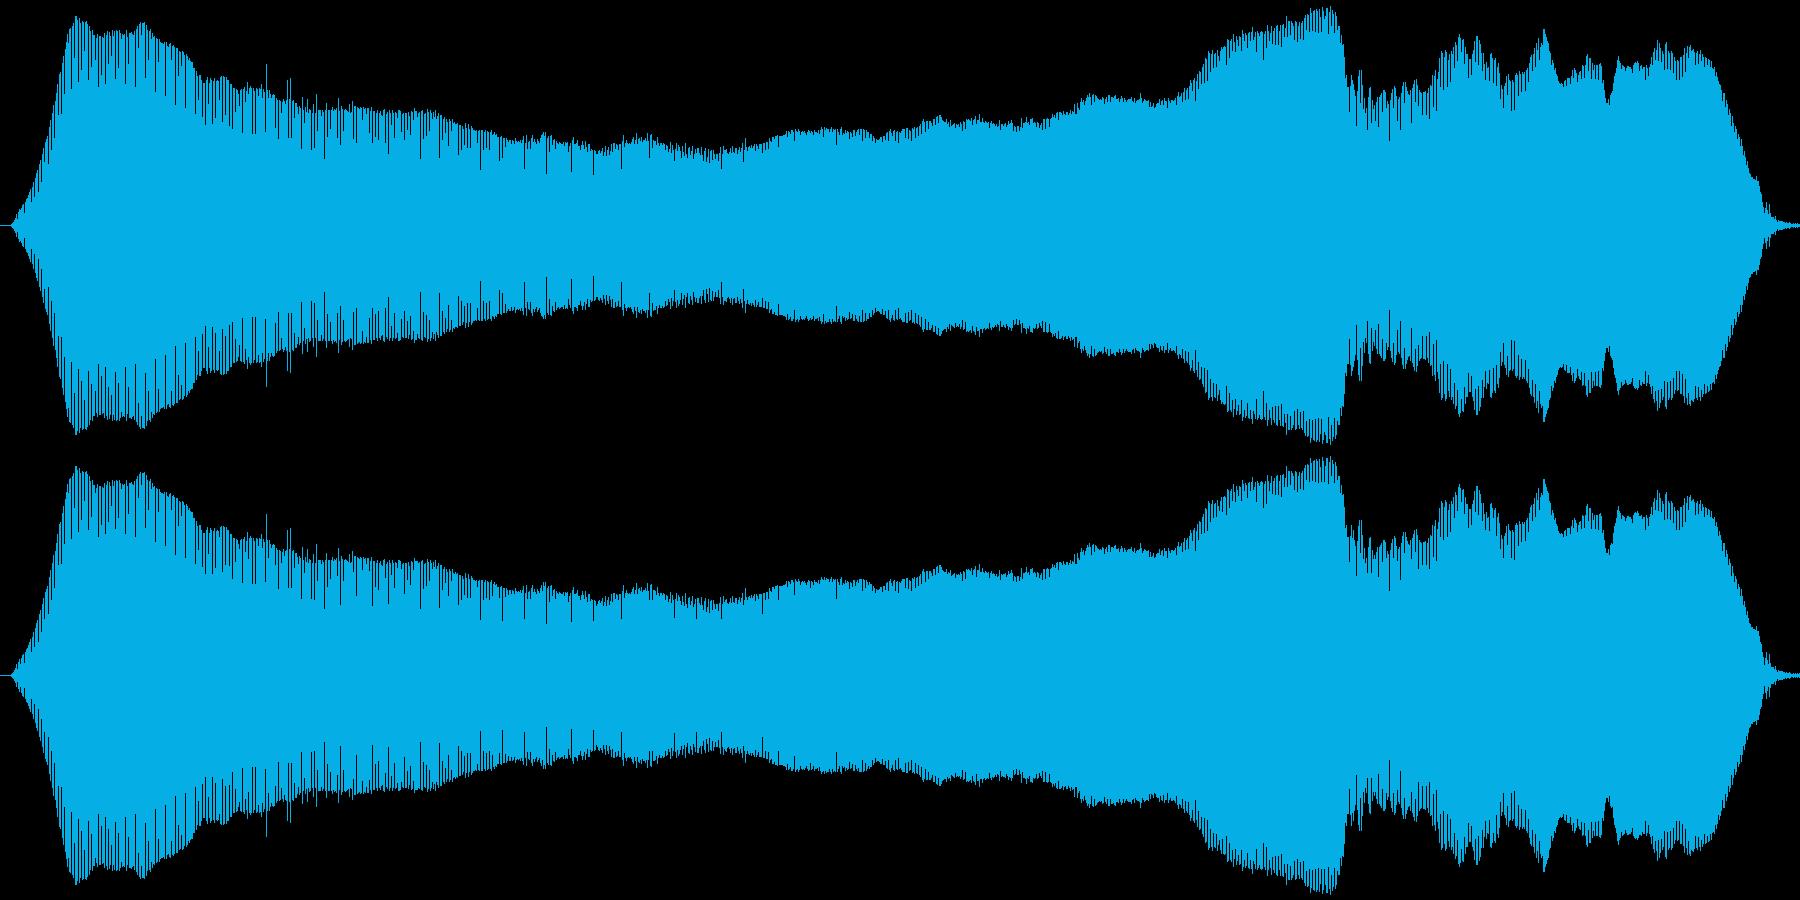 猫の鳴き声(ニャウ~ン)の再生済みの波形